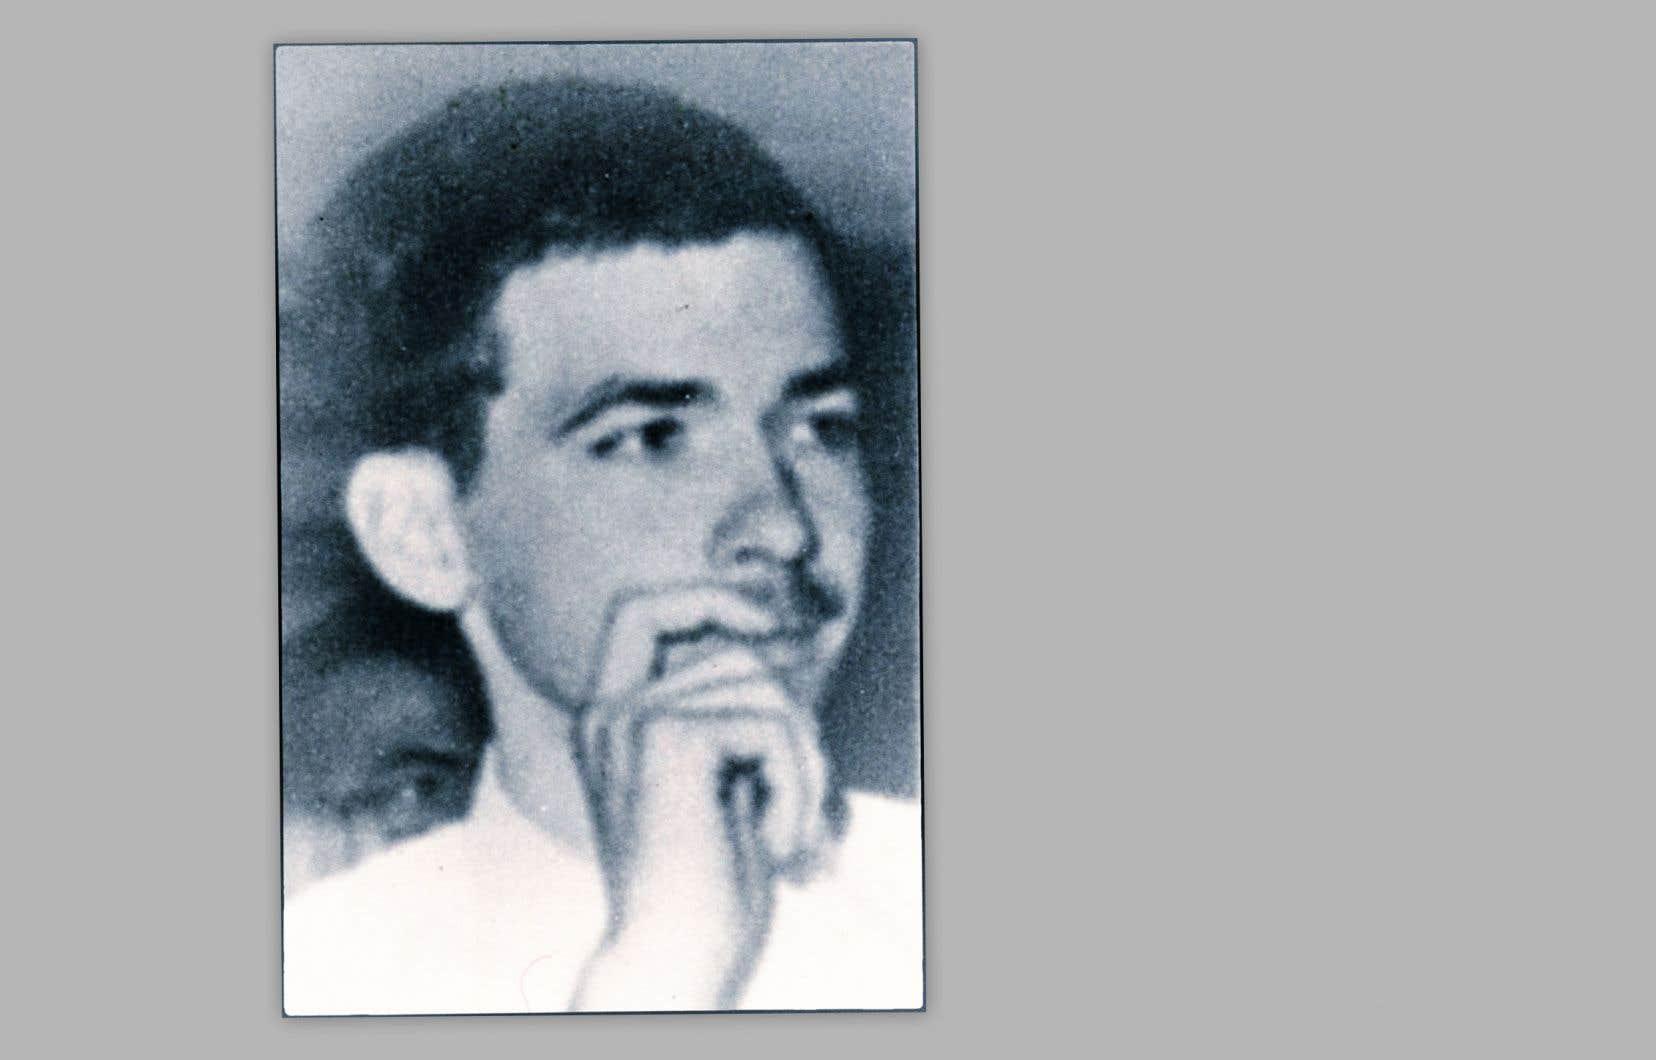 «Nous sommes plusieurs à partager des soupçons sur cette personne qui aurait assassiné Mario Bachand», écrit l'auteur.